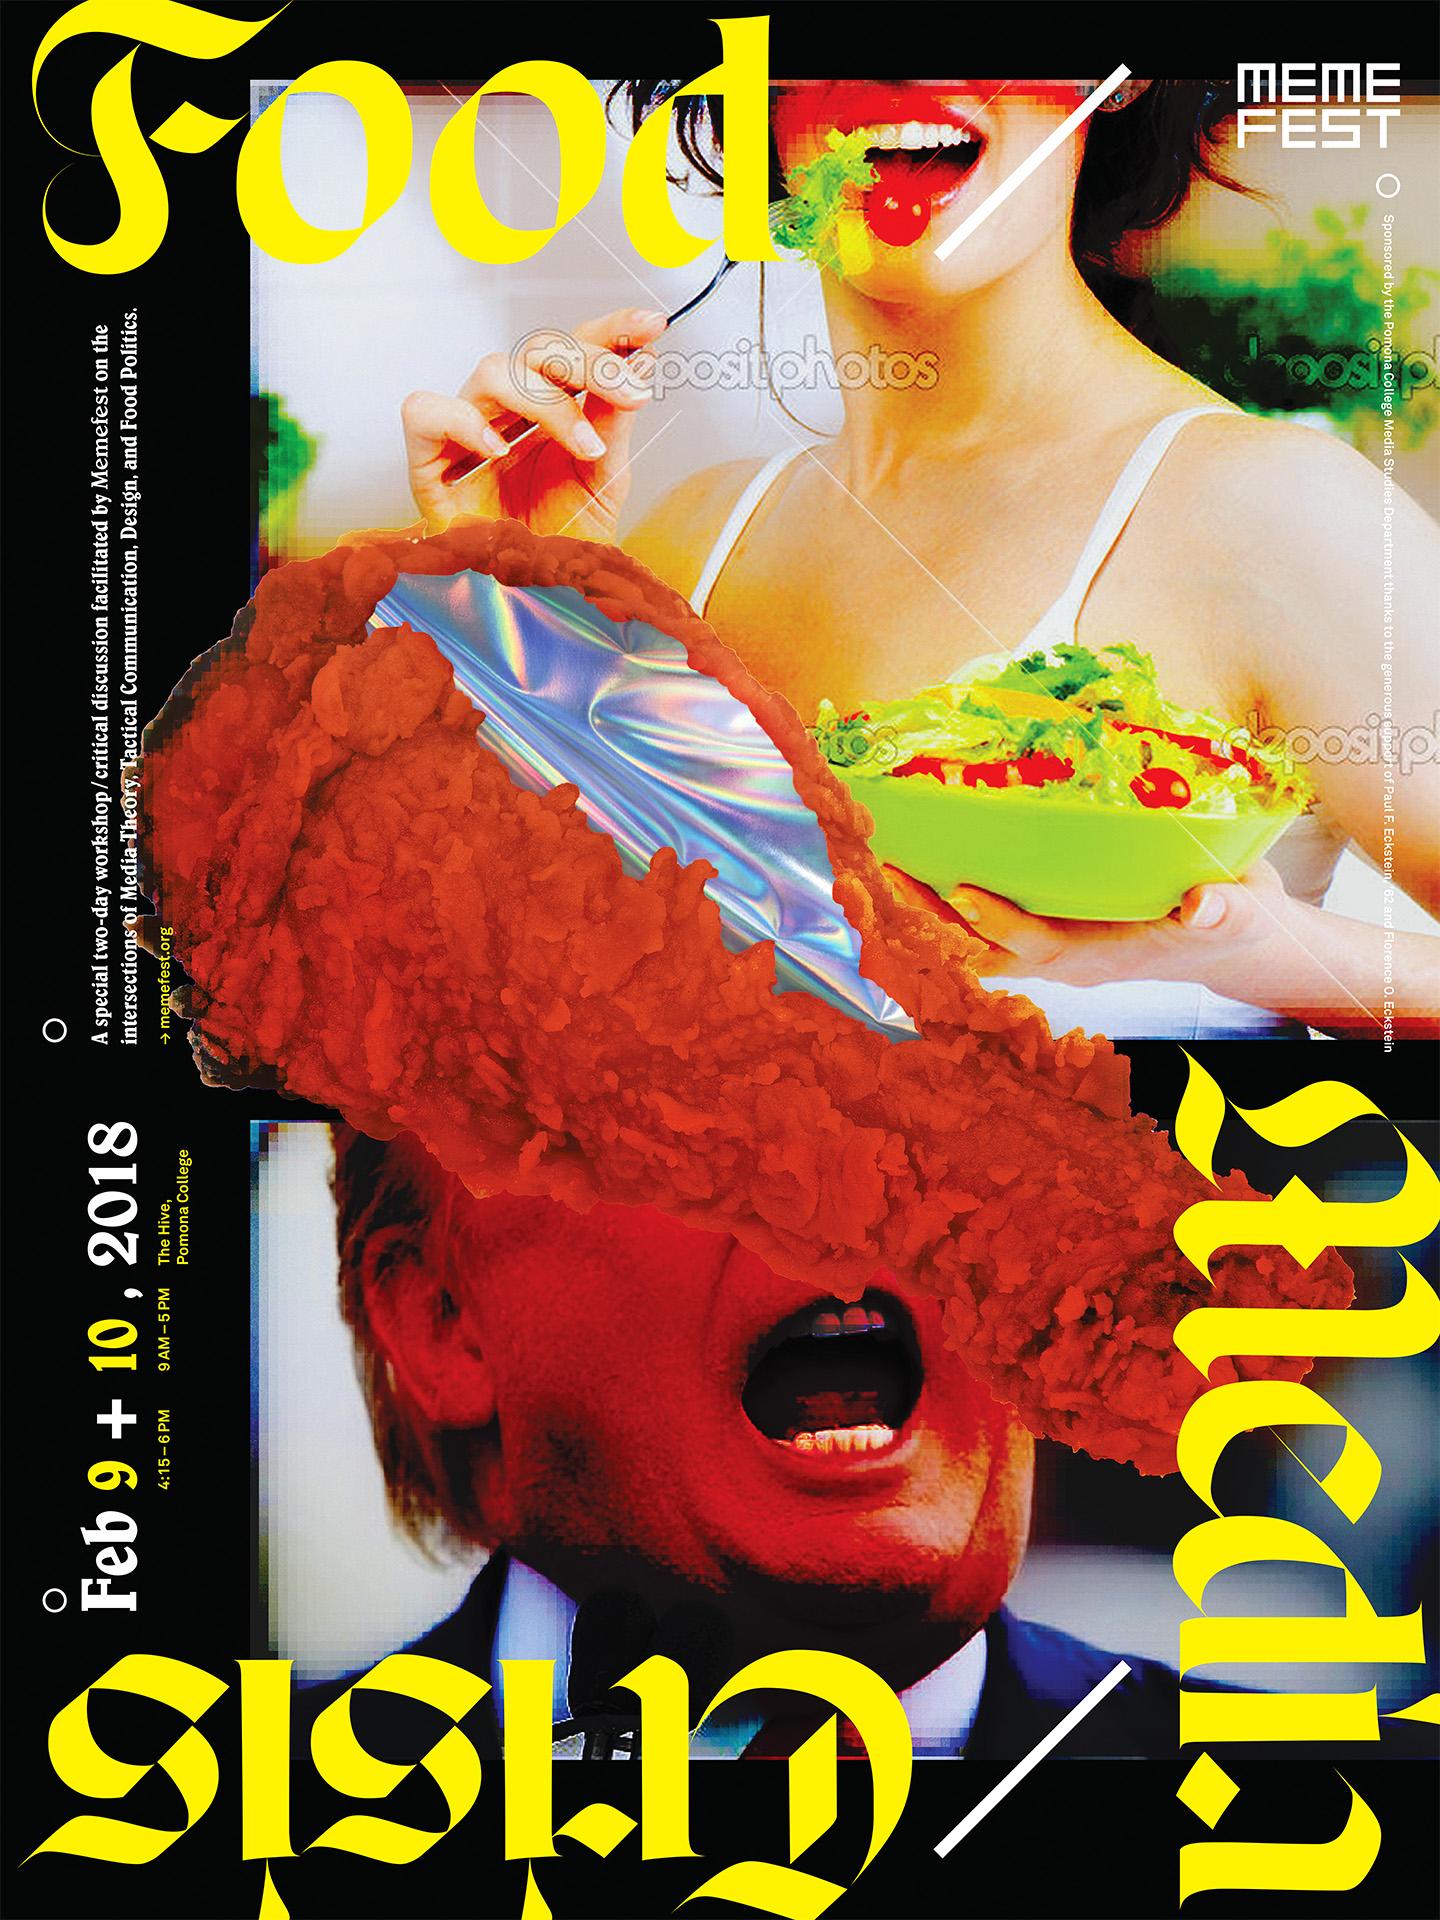 food-media-crisis_poster.jpg